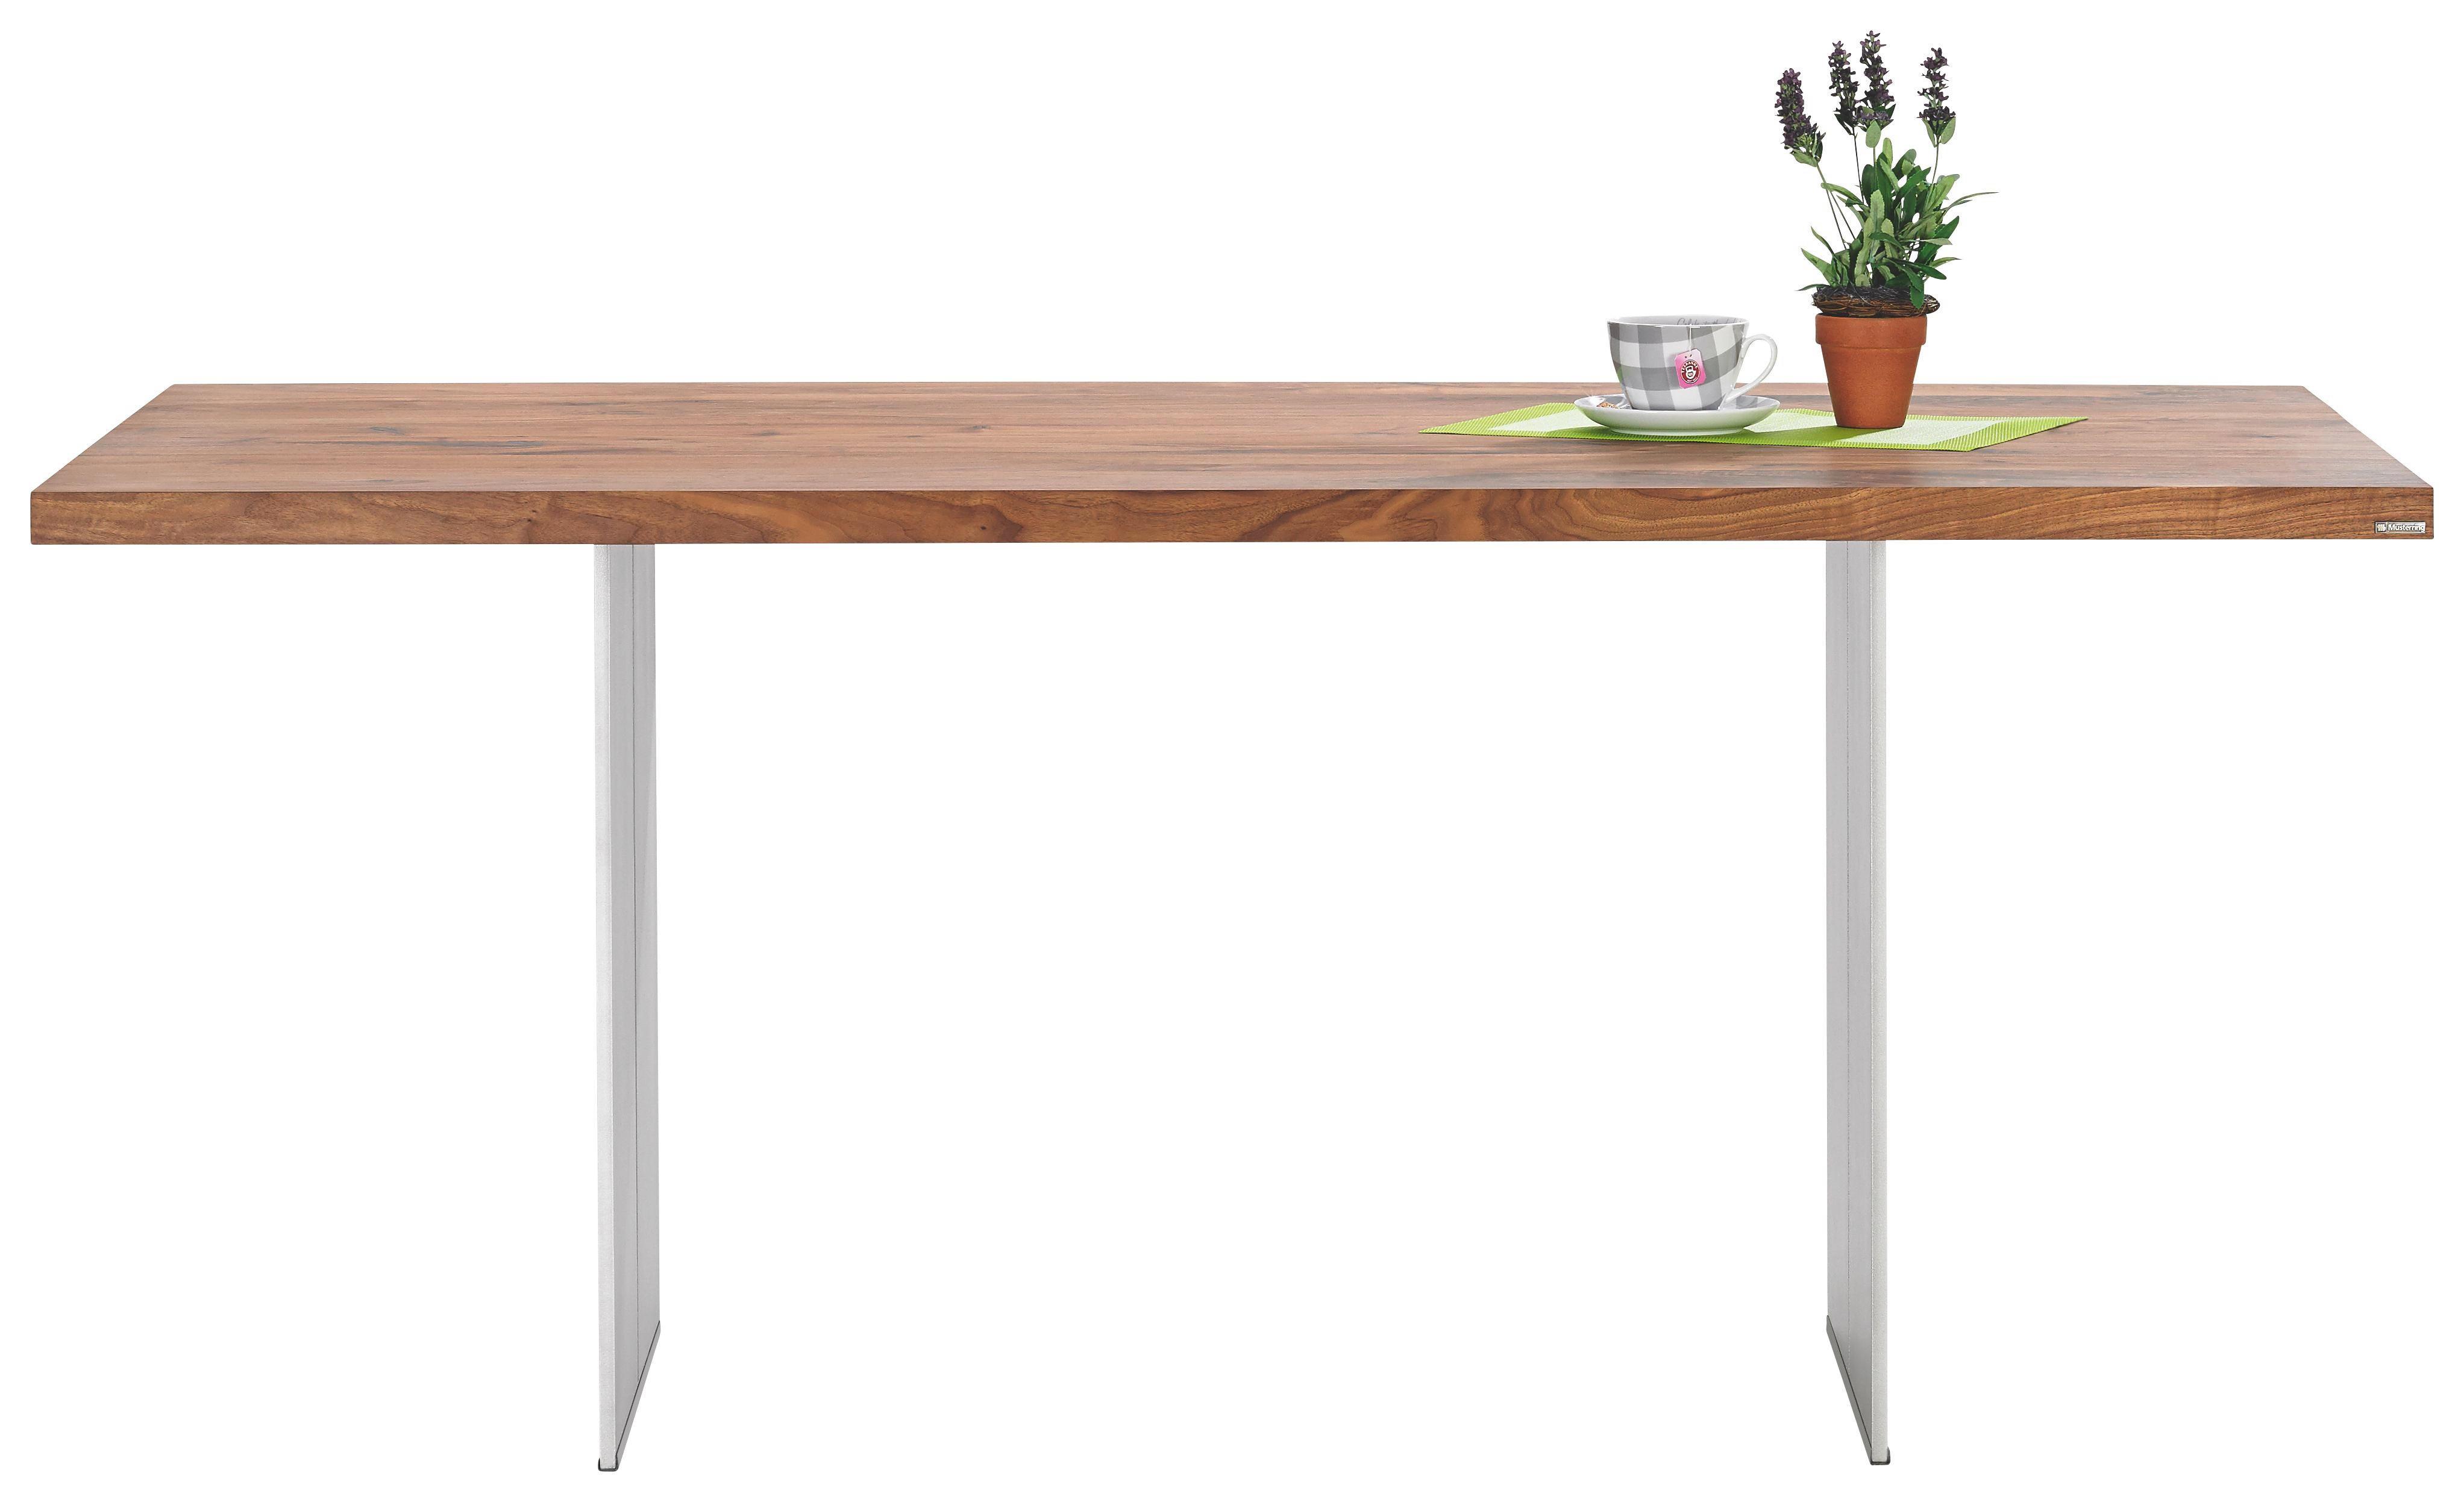 ESSTISCH Astnuss massiv rechteckig Nussbaumfarben - Nussbaumfarben, Design, Holz/Metall (180/77/100cm) - MUSTERRING